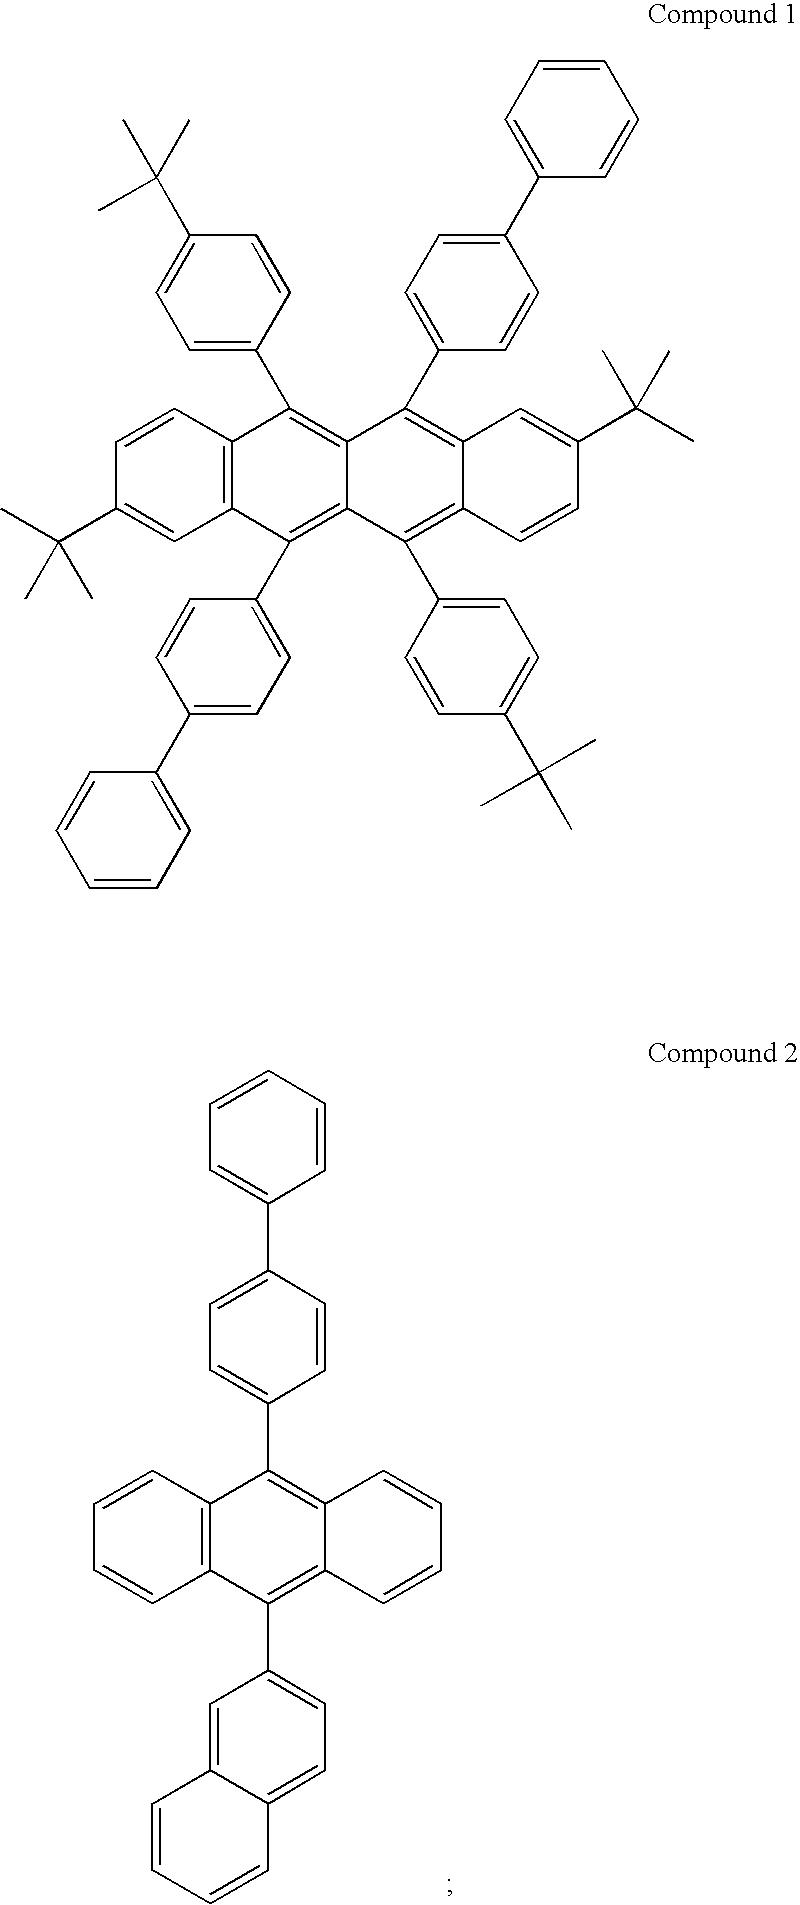 Figure US20060240278A1-20061026-C00001